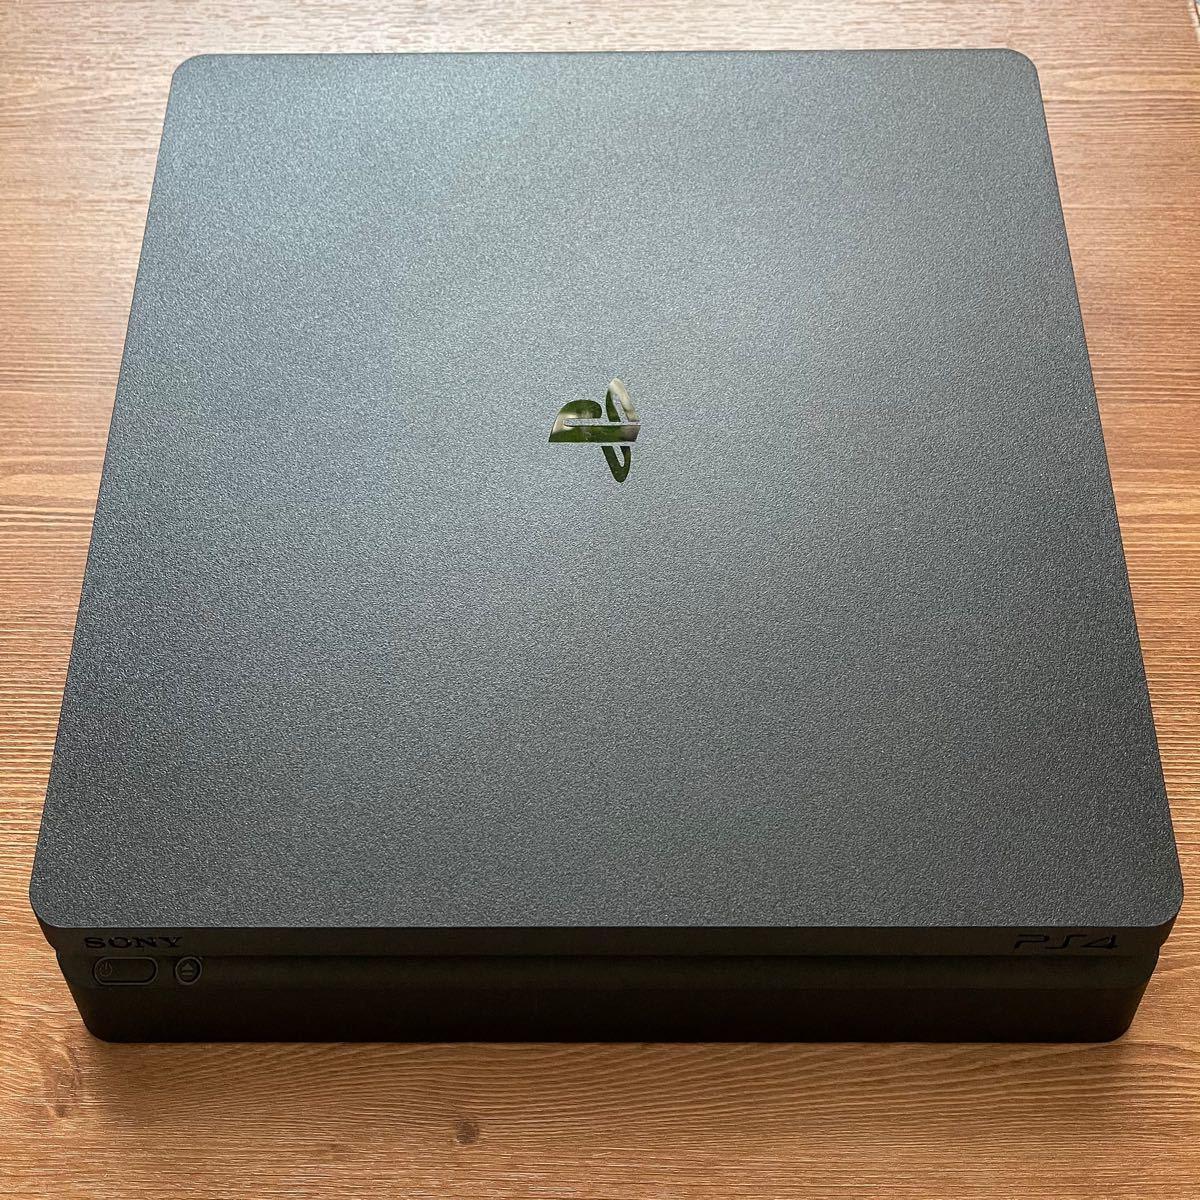 プレイステーション4 PS4 HDD 500GB ジェット・ブラック CUH-2000AB01 本体